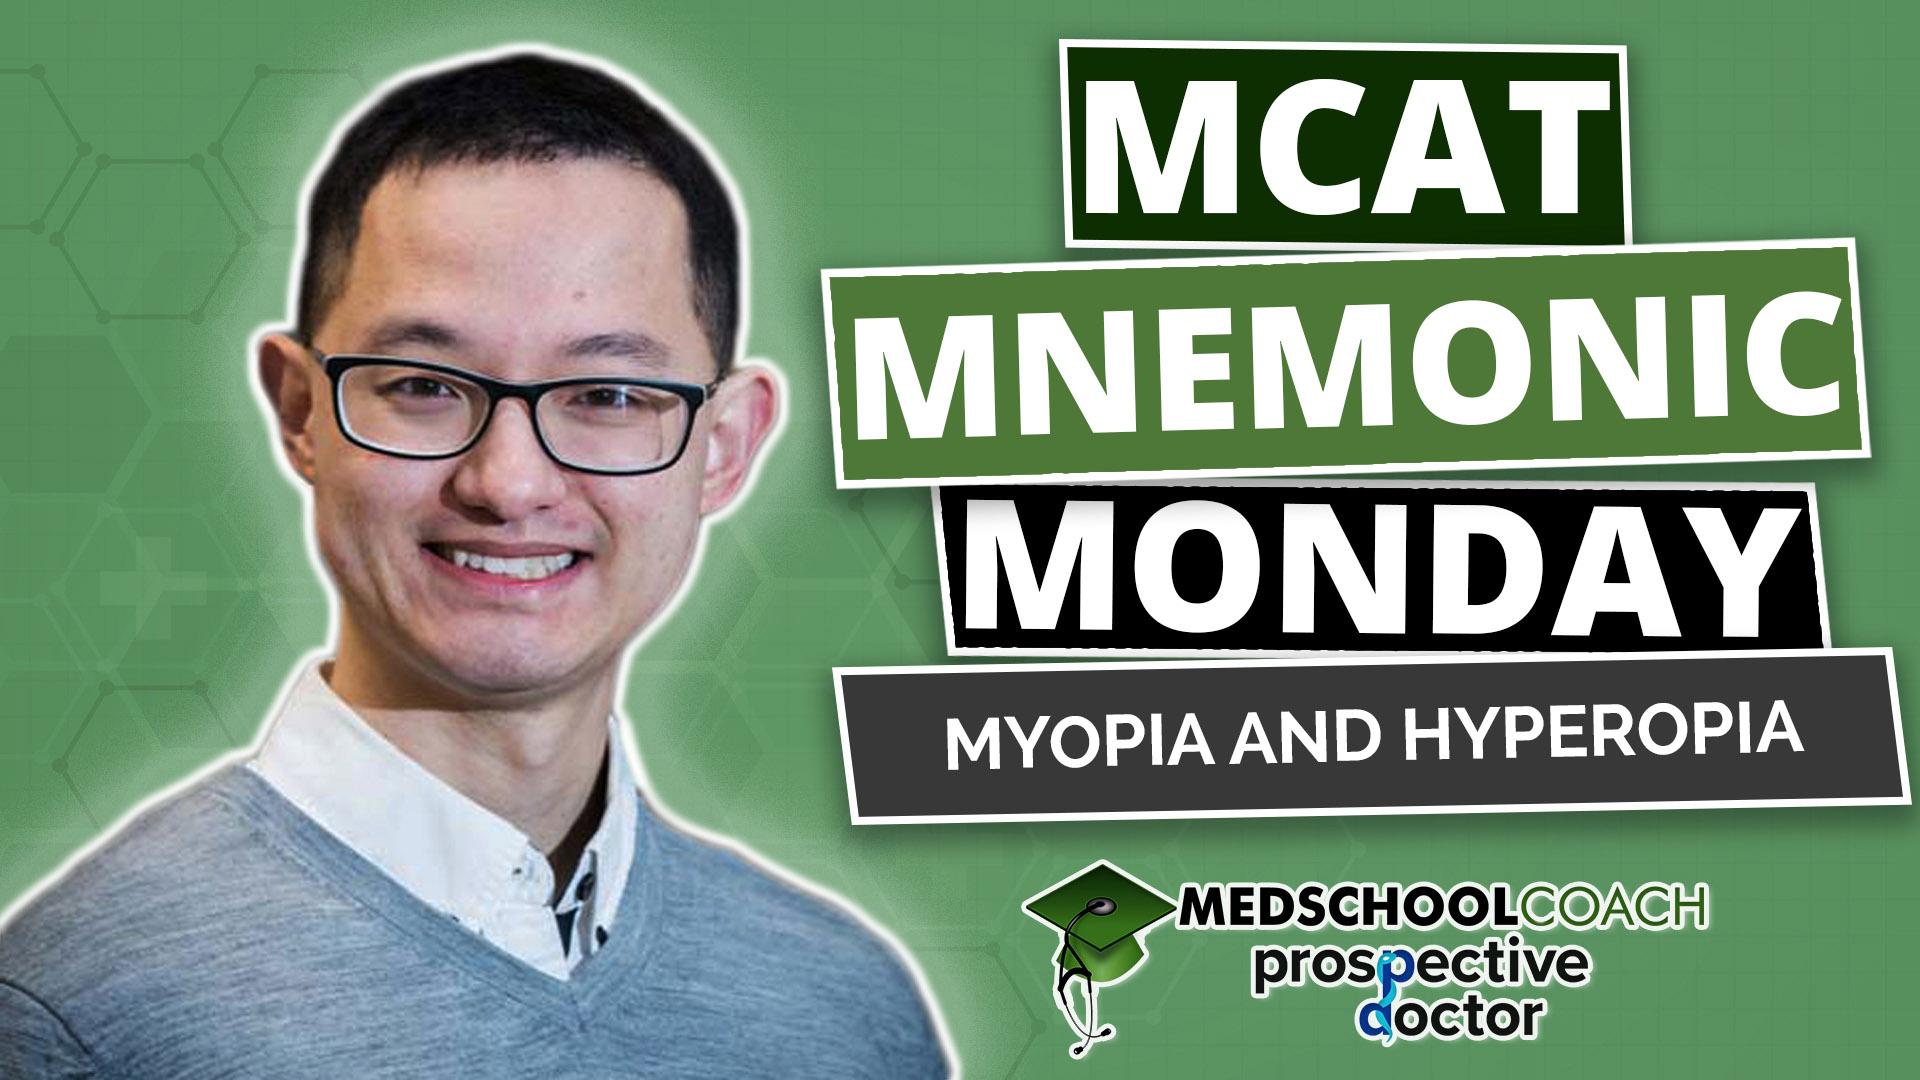 szemszerkezet myopia hyperopia)